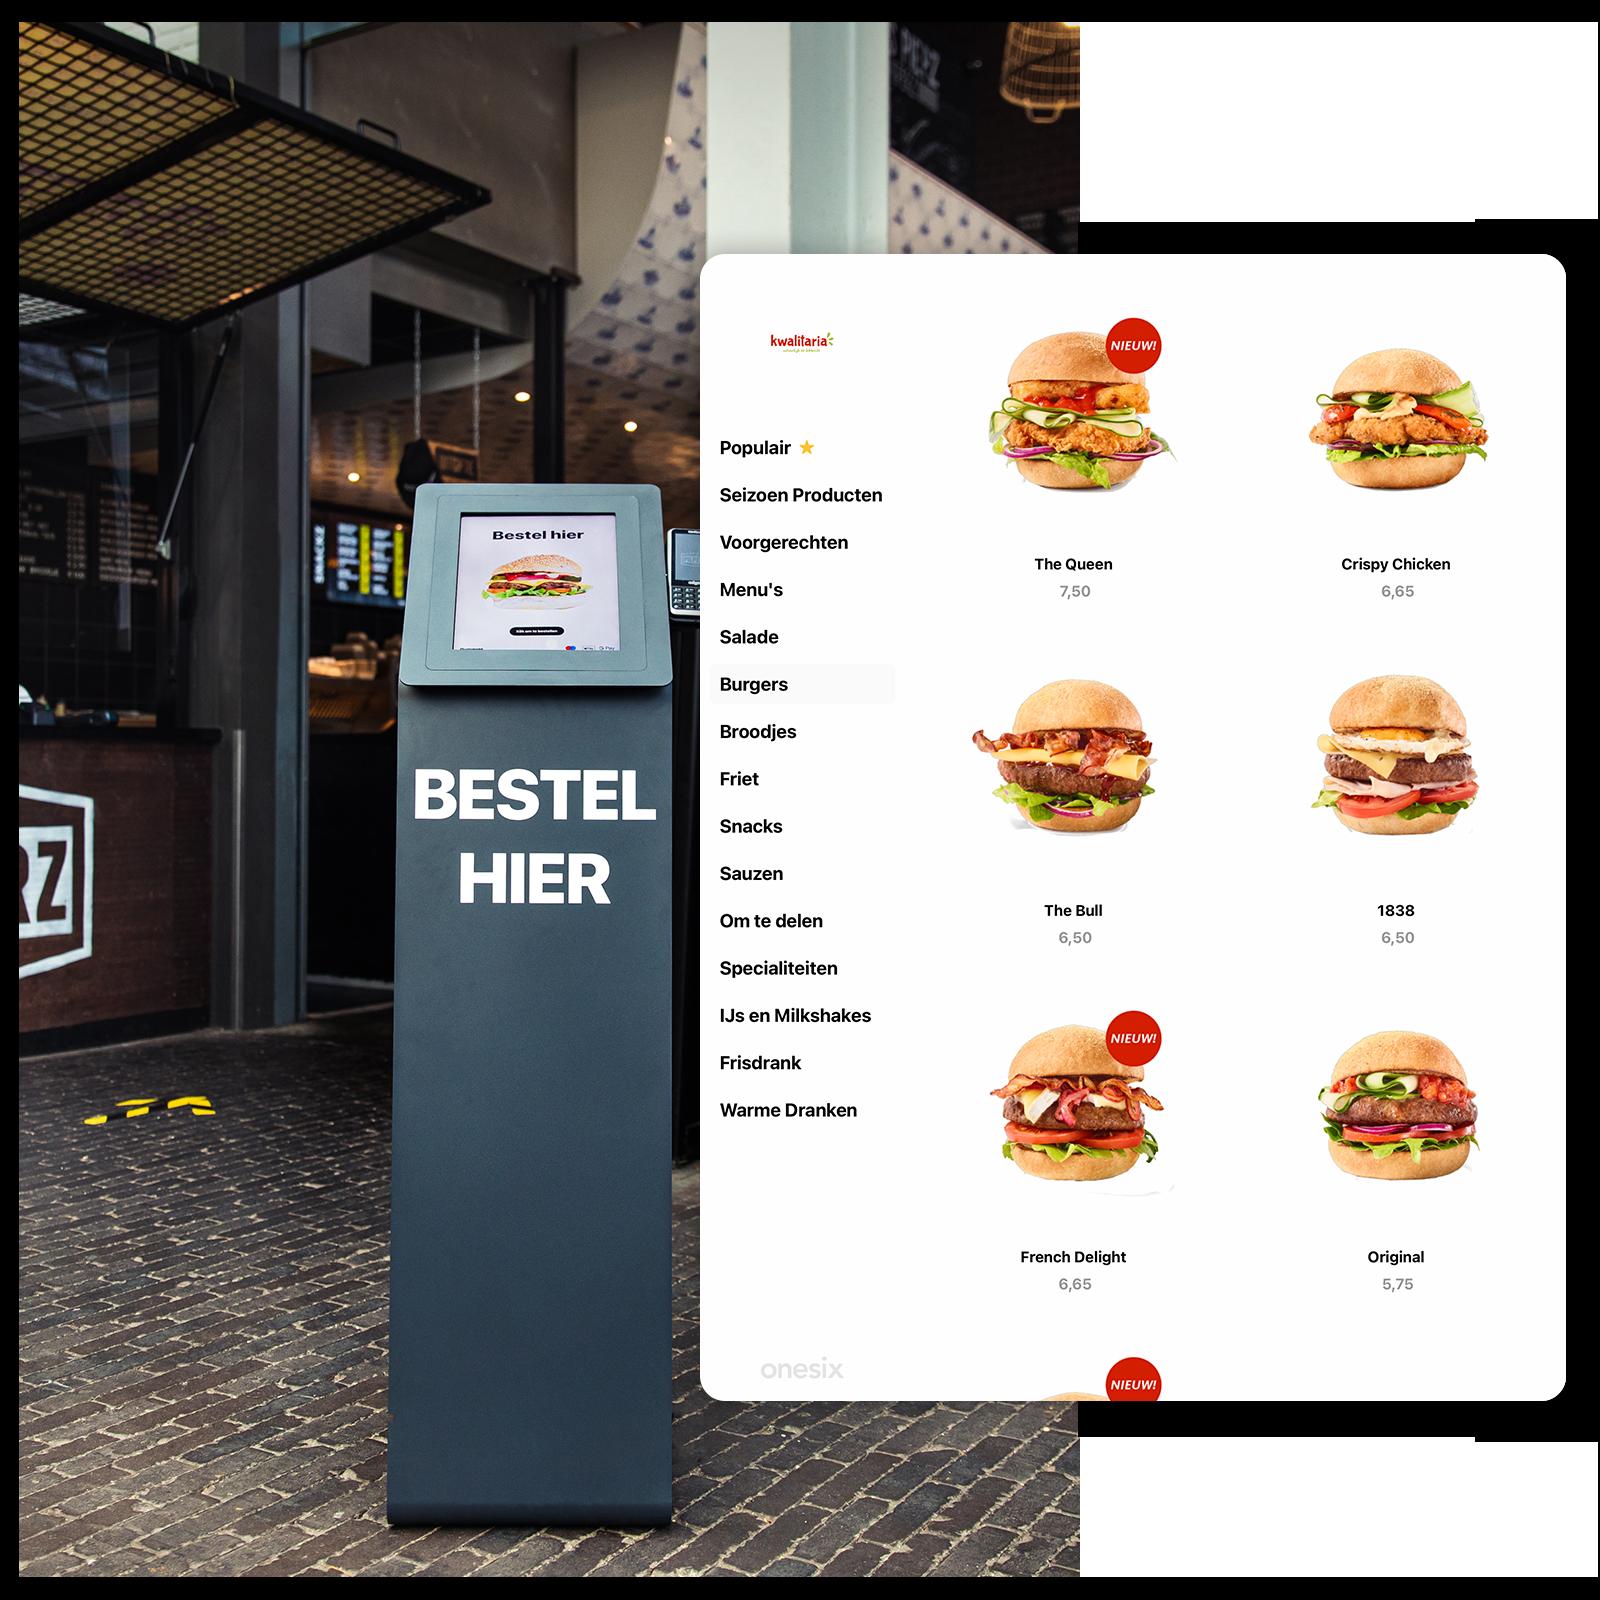 Onesix bestelkiosk in één van de locaties van Pieperz. Pieperz is een snackbarketen, die Onesix bestelzuil gebruiken om hun gasten te laten bestellen. Daarnaast is het visuele menu te zien, met alle mogelijke burgers en producten die Pieperz laat zien.